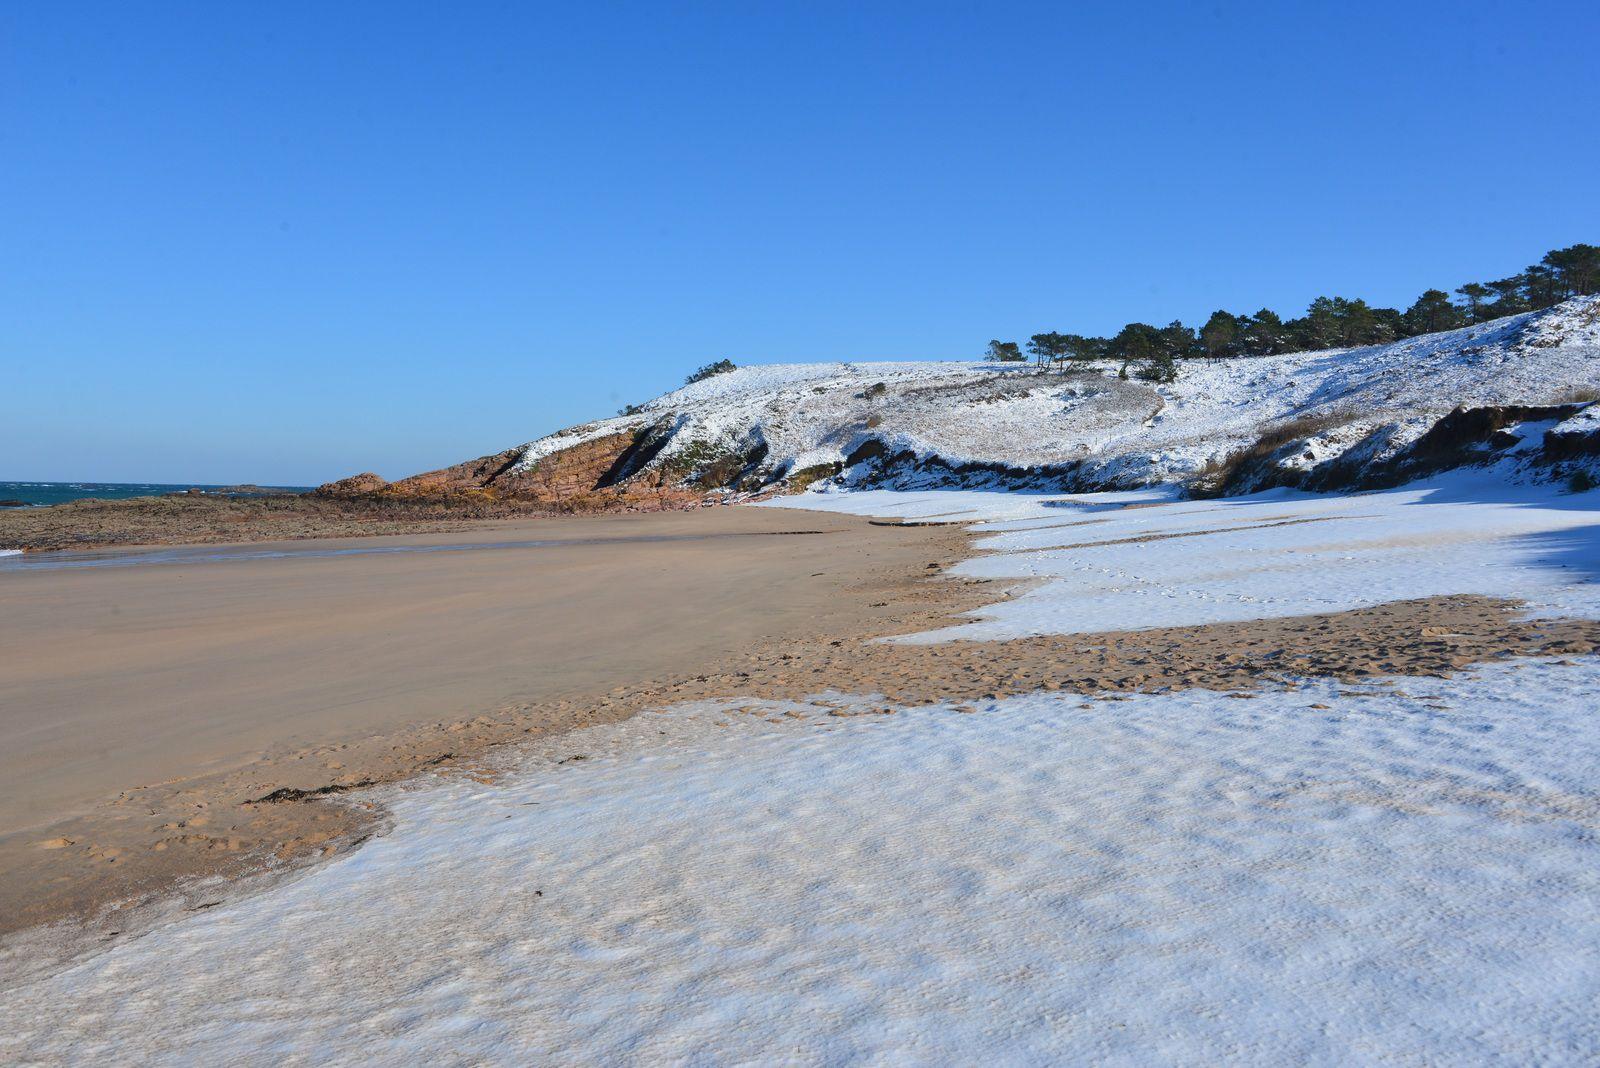 Images de neige sur la plage